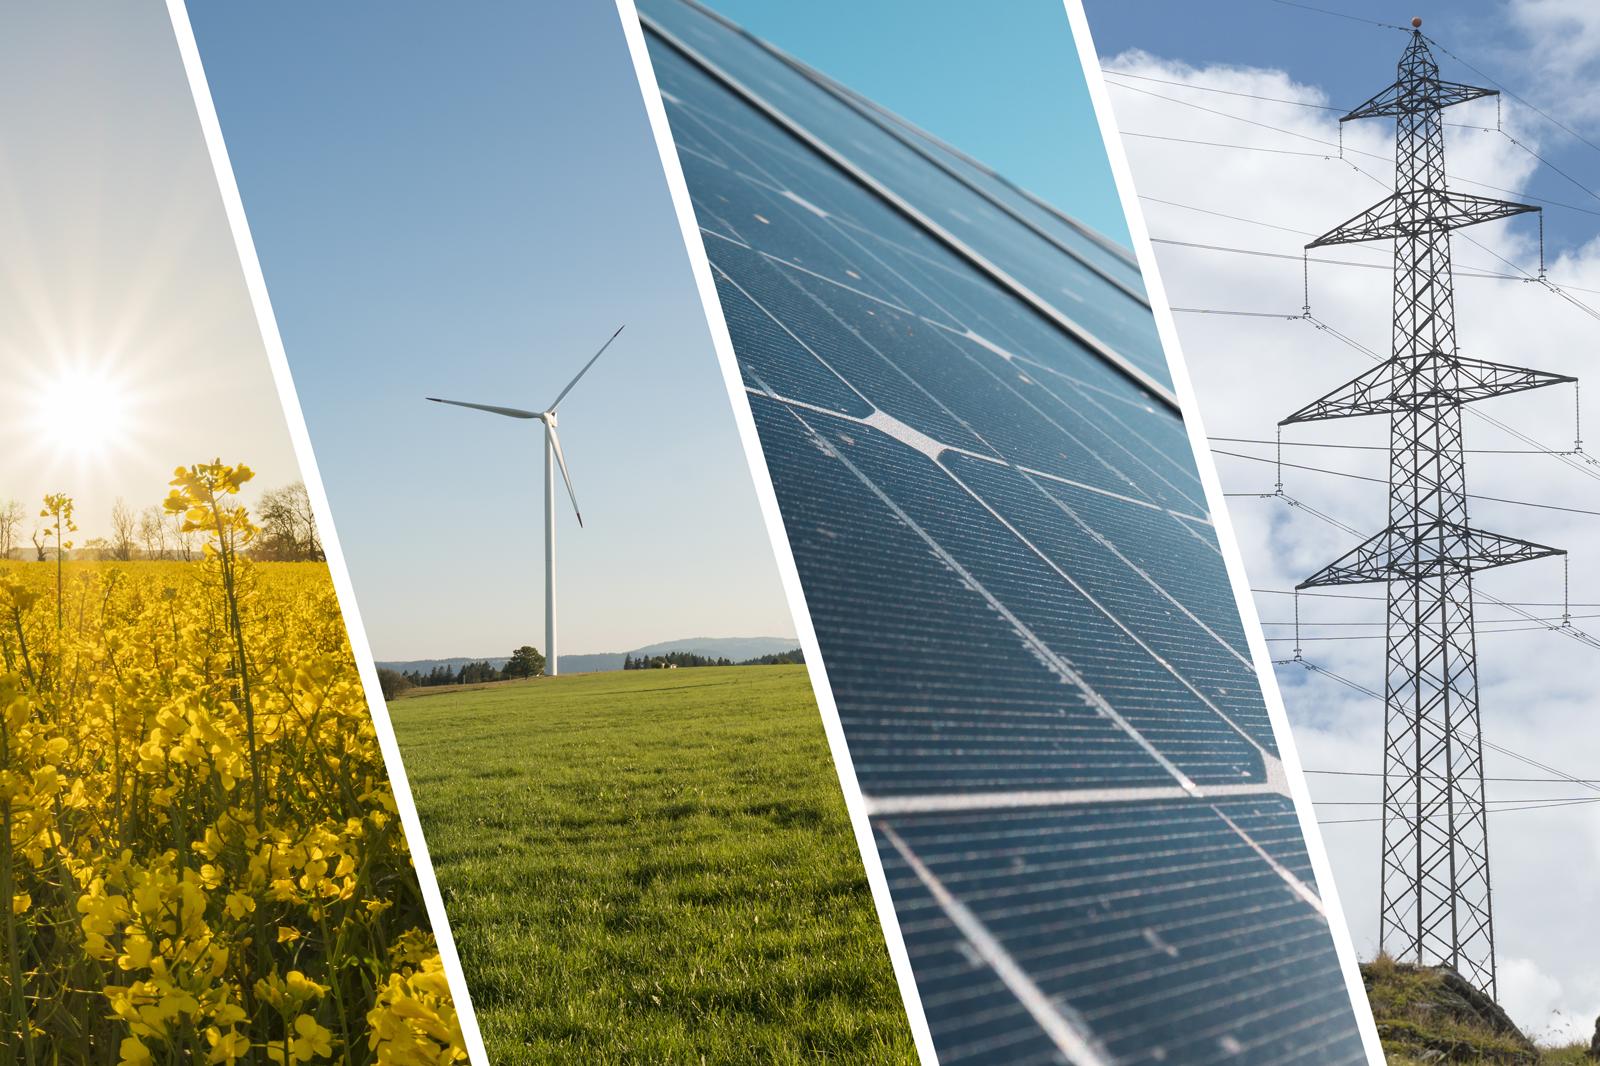 Erneuerbare Energien und Netze - Foto: Massimo-Cavallo/adobestock.com